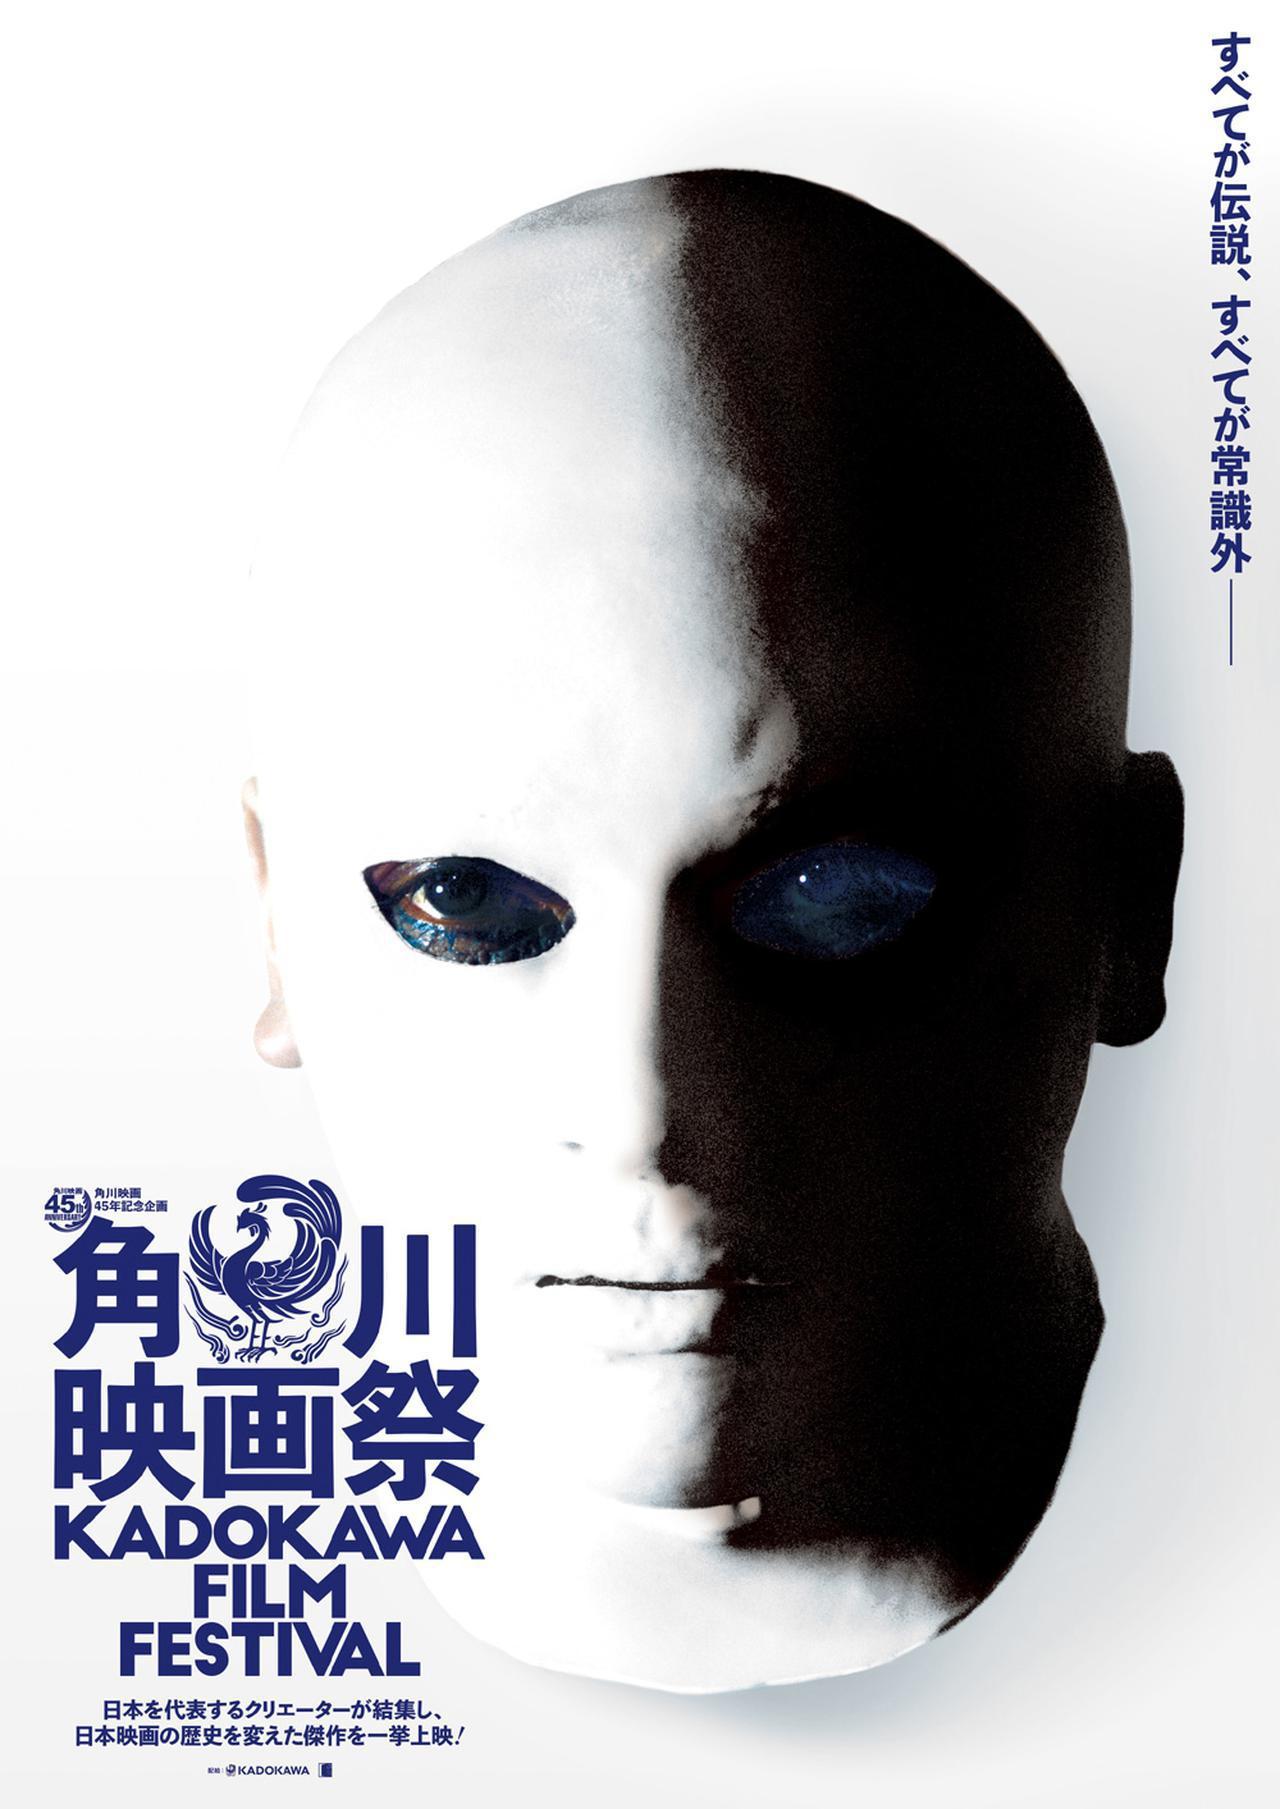 画像: 日本映画の歴史を変えた「角川映画」の傑作を一挙上映する『角川映画祭』、11月19日より開催。『犬神家の一族』の4Kデジタル修復版の上映も - Stereo Sound ONLINE